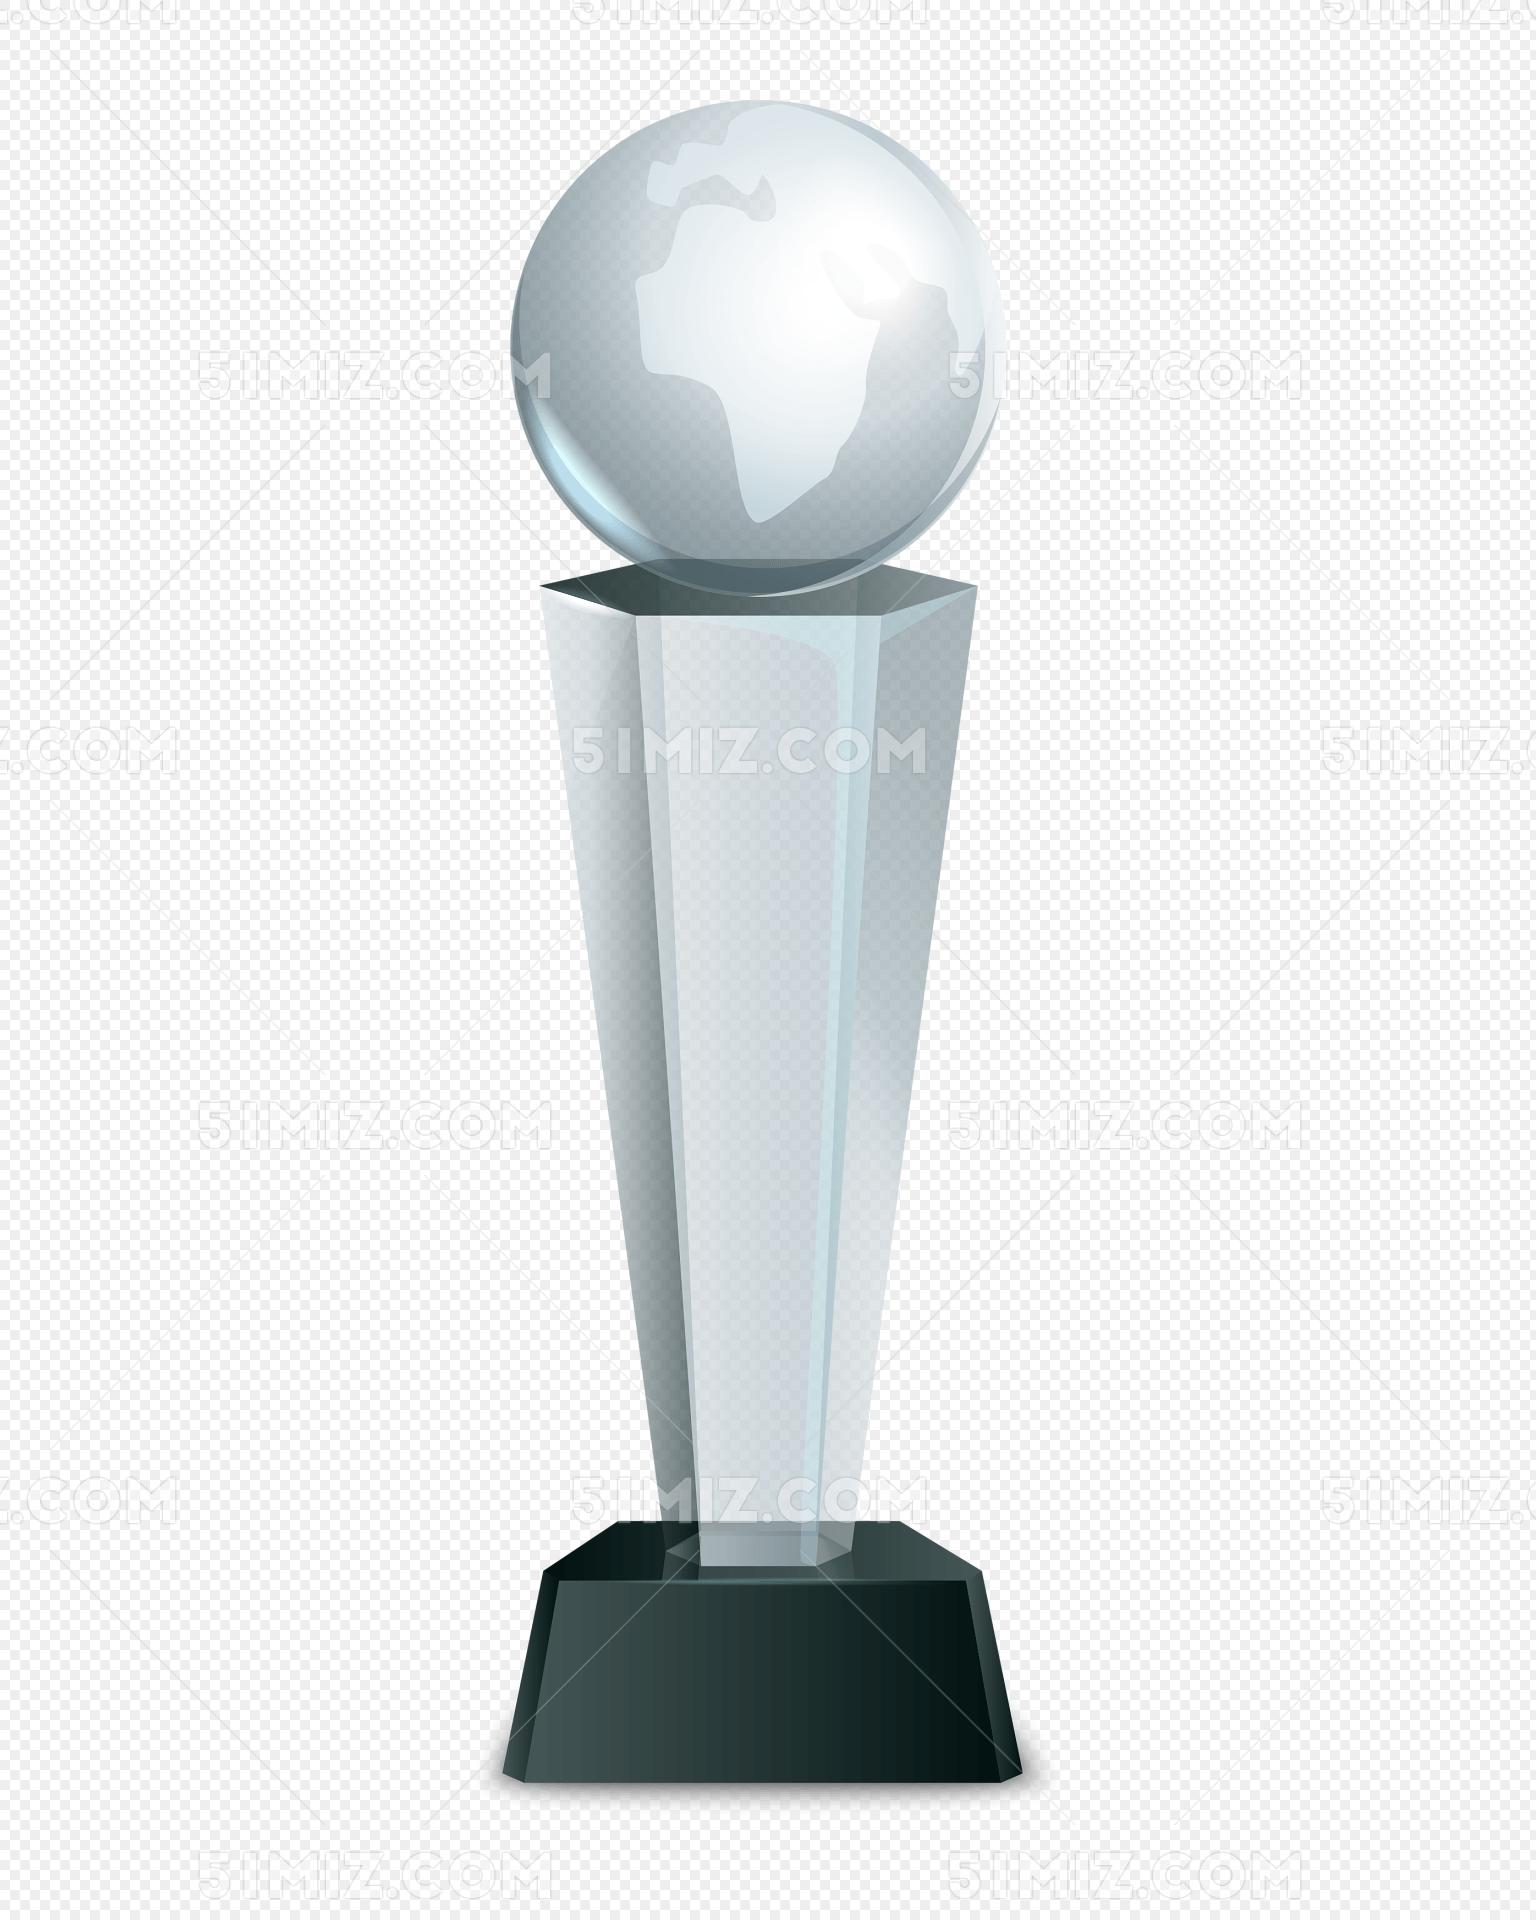 水晶奖杯矢量图